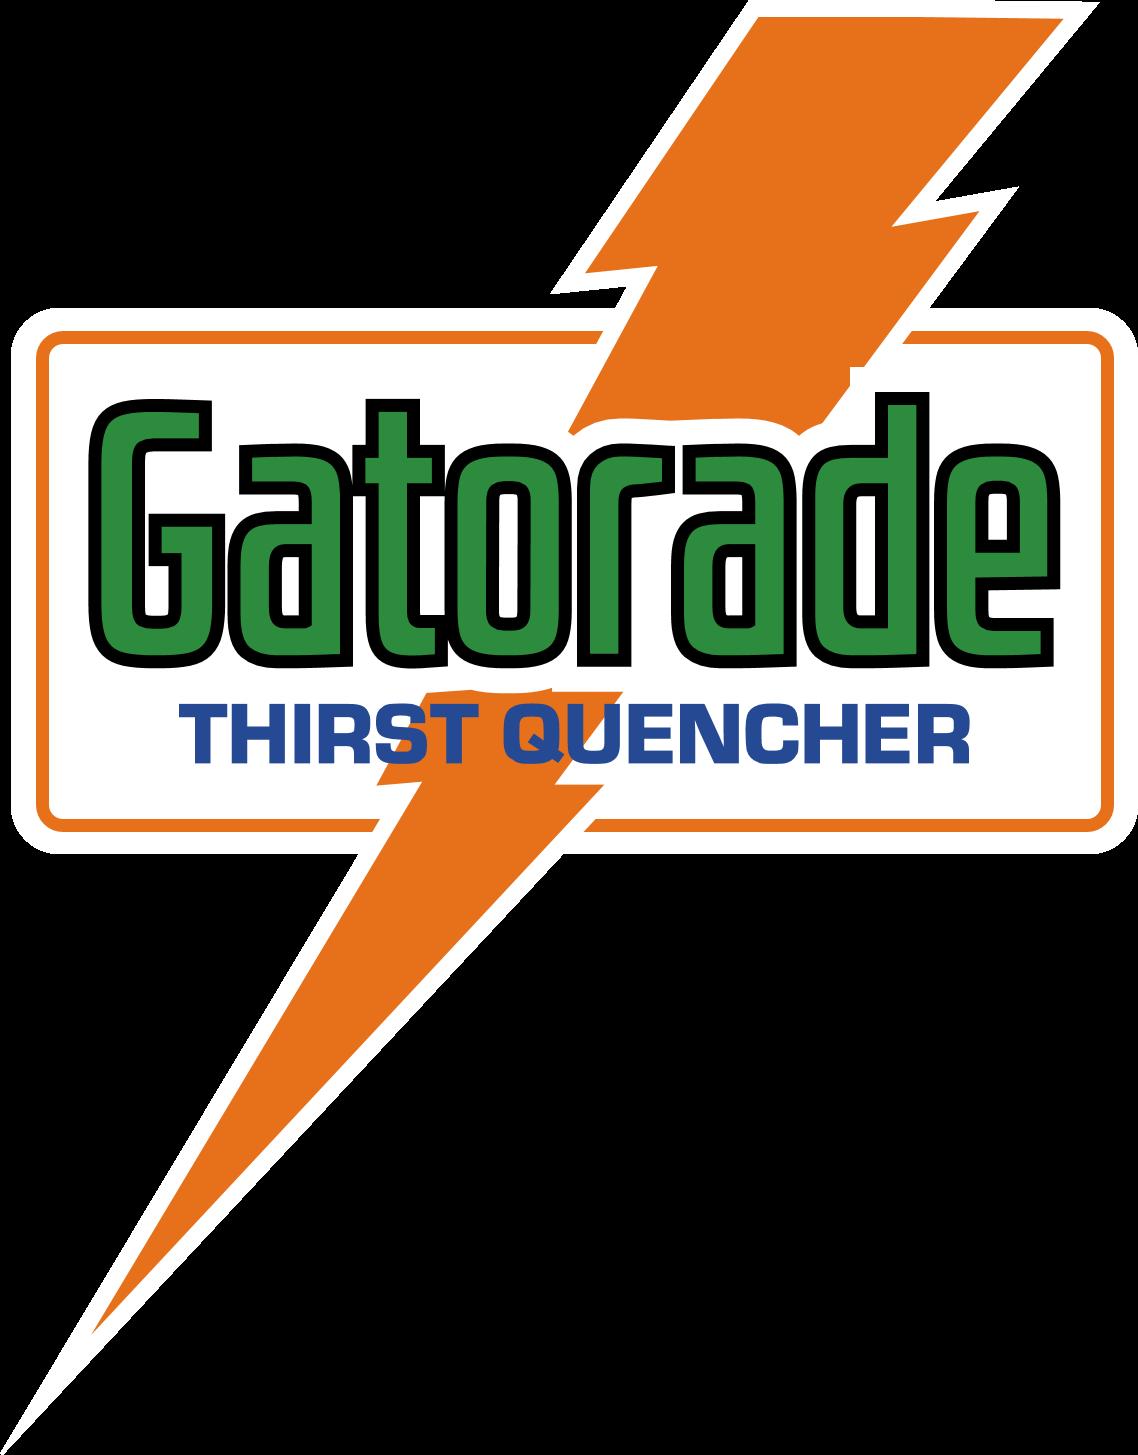 gatorade el kadsre dream logos wiki fandom powered by wikia rh dreamlogos wikia com Gatorade Logo Transparent Gatorade G Series Logo